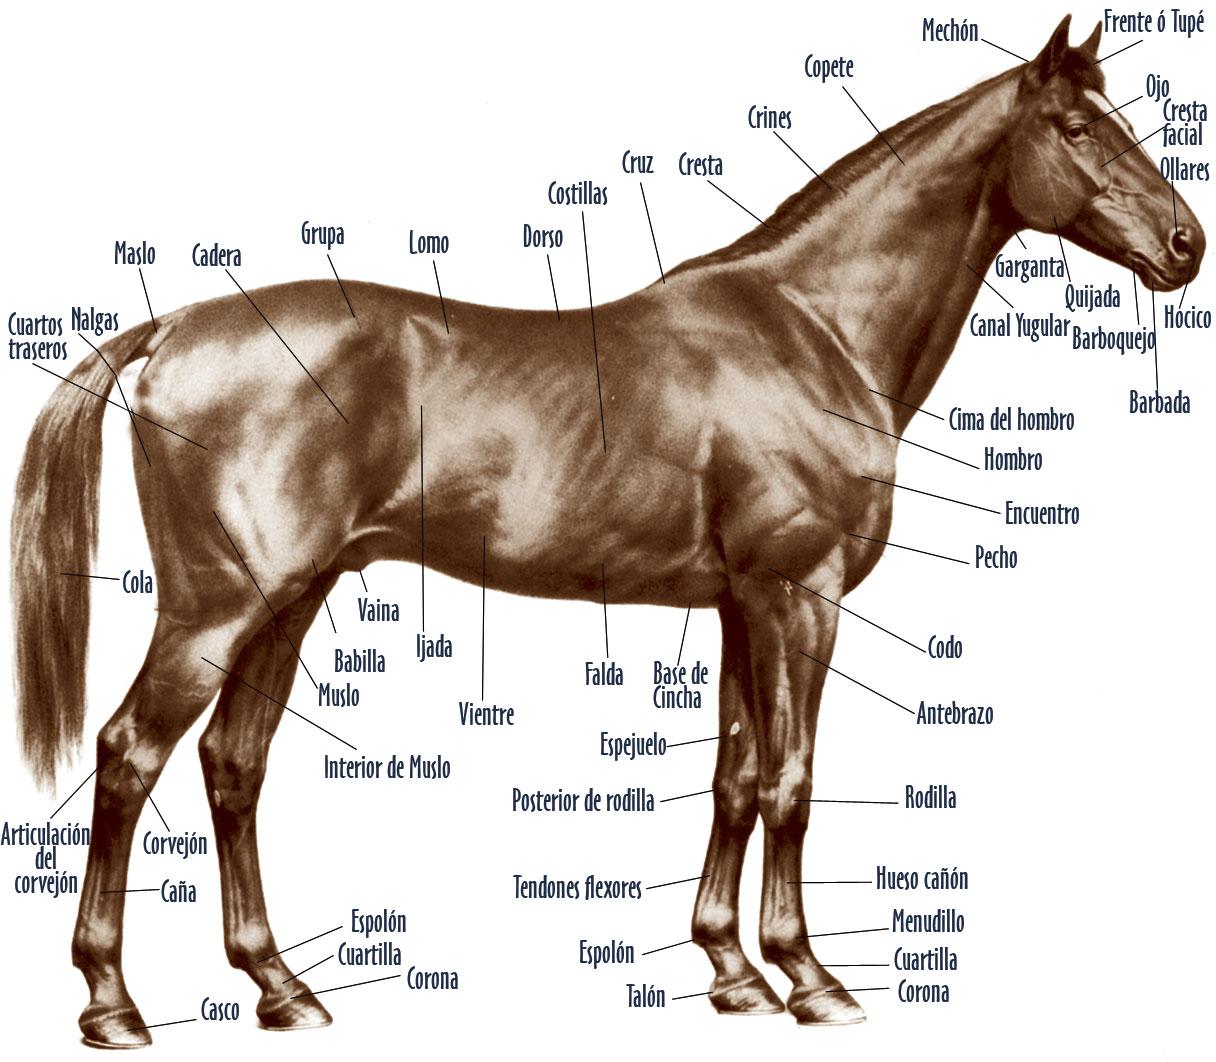 Atlas de los Caballos y Ponis: Anatomía de un caballo